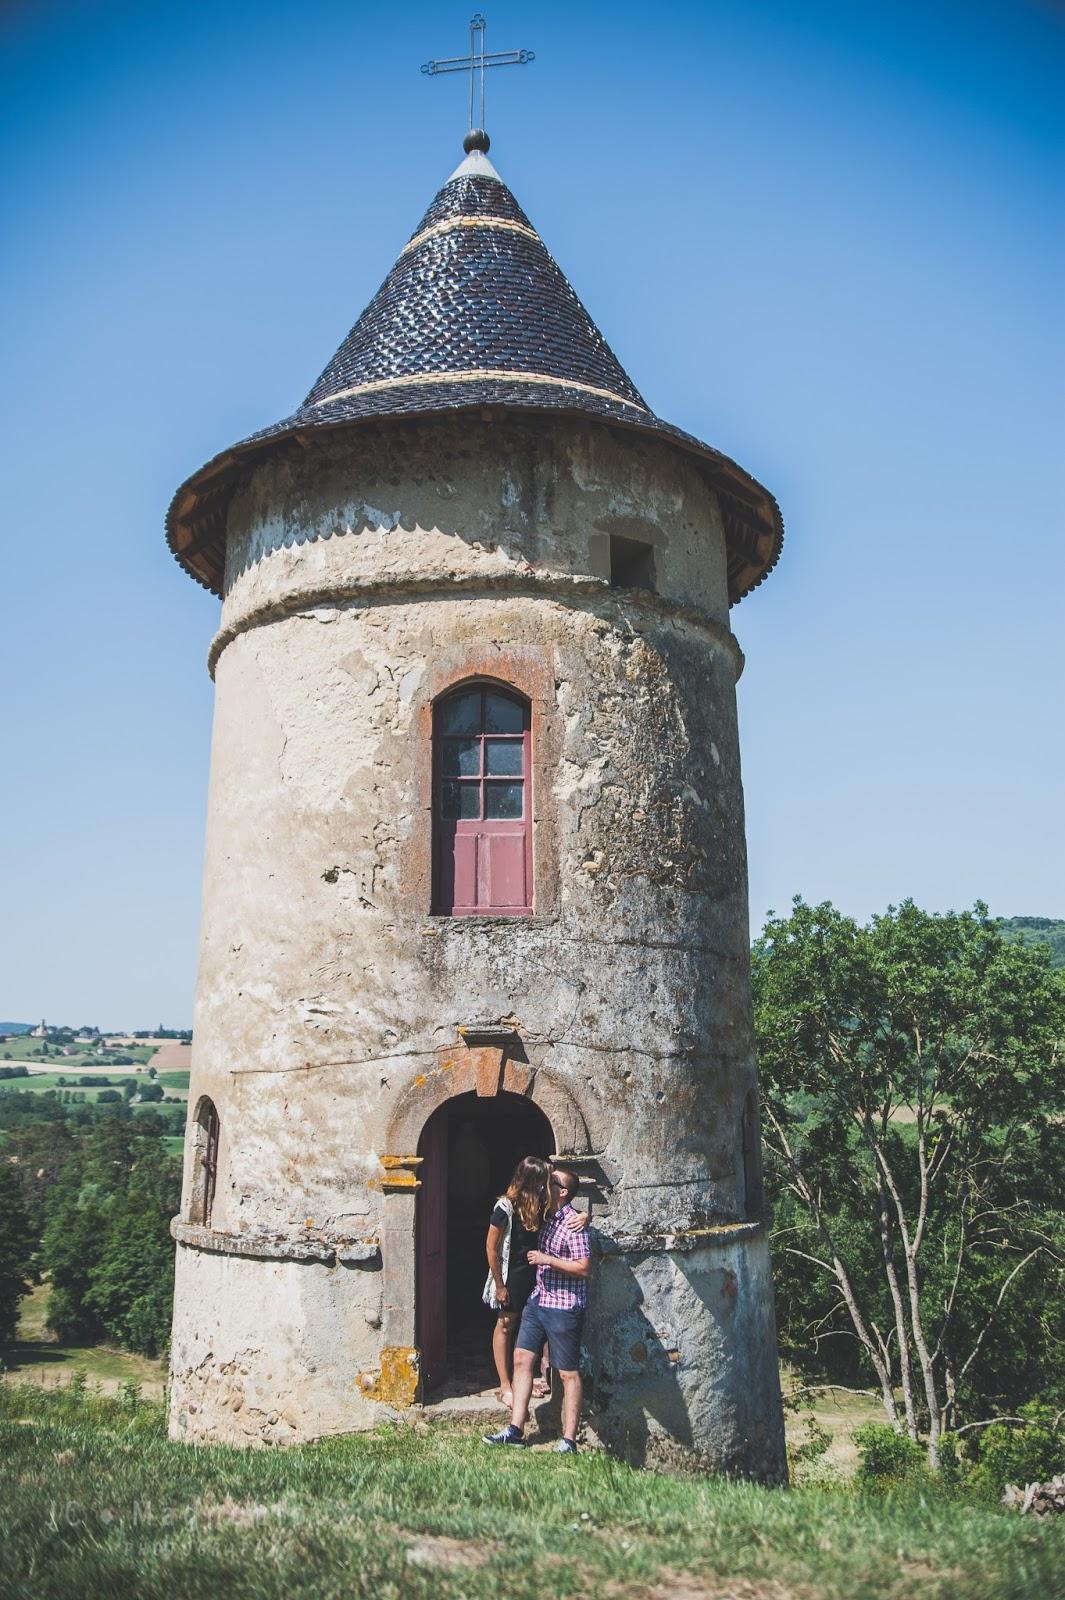 Photographe mariage Lyon Roanne chateau de pupetiere virieu chabons isere X-PRO2